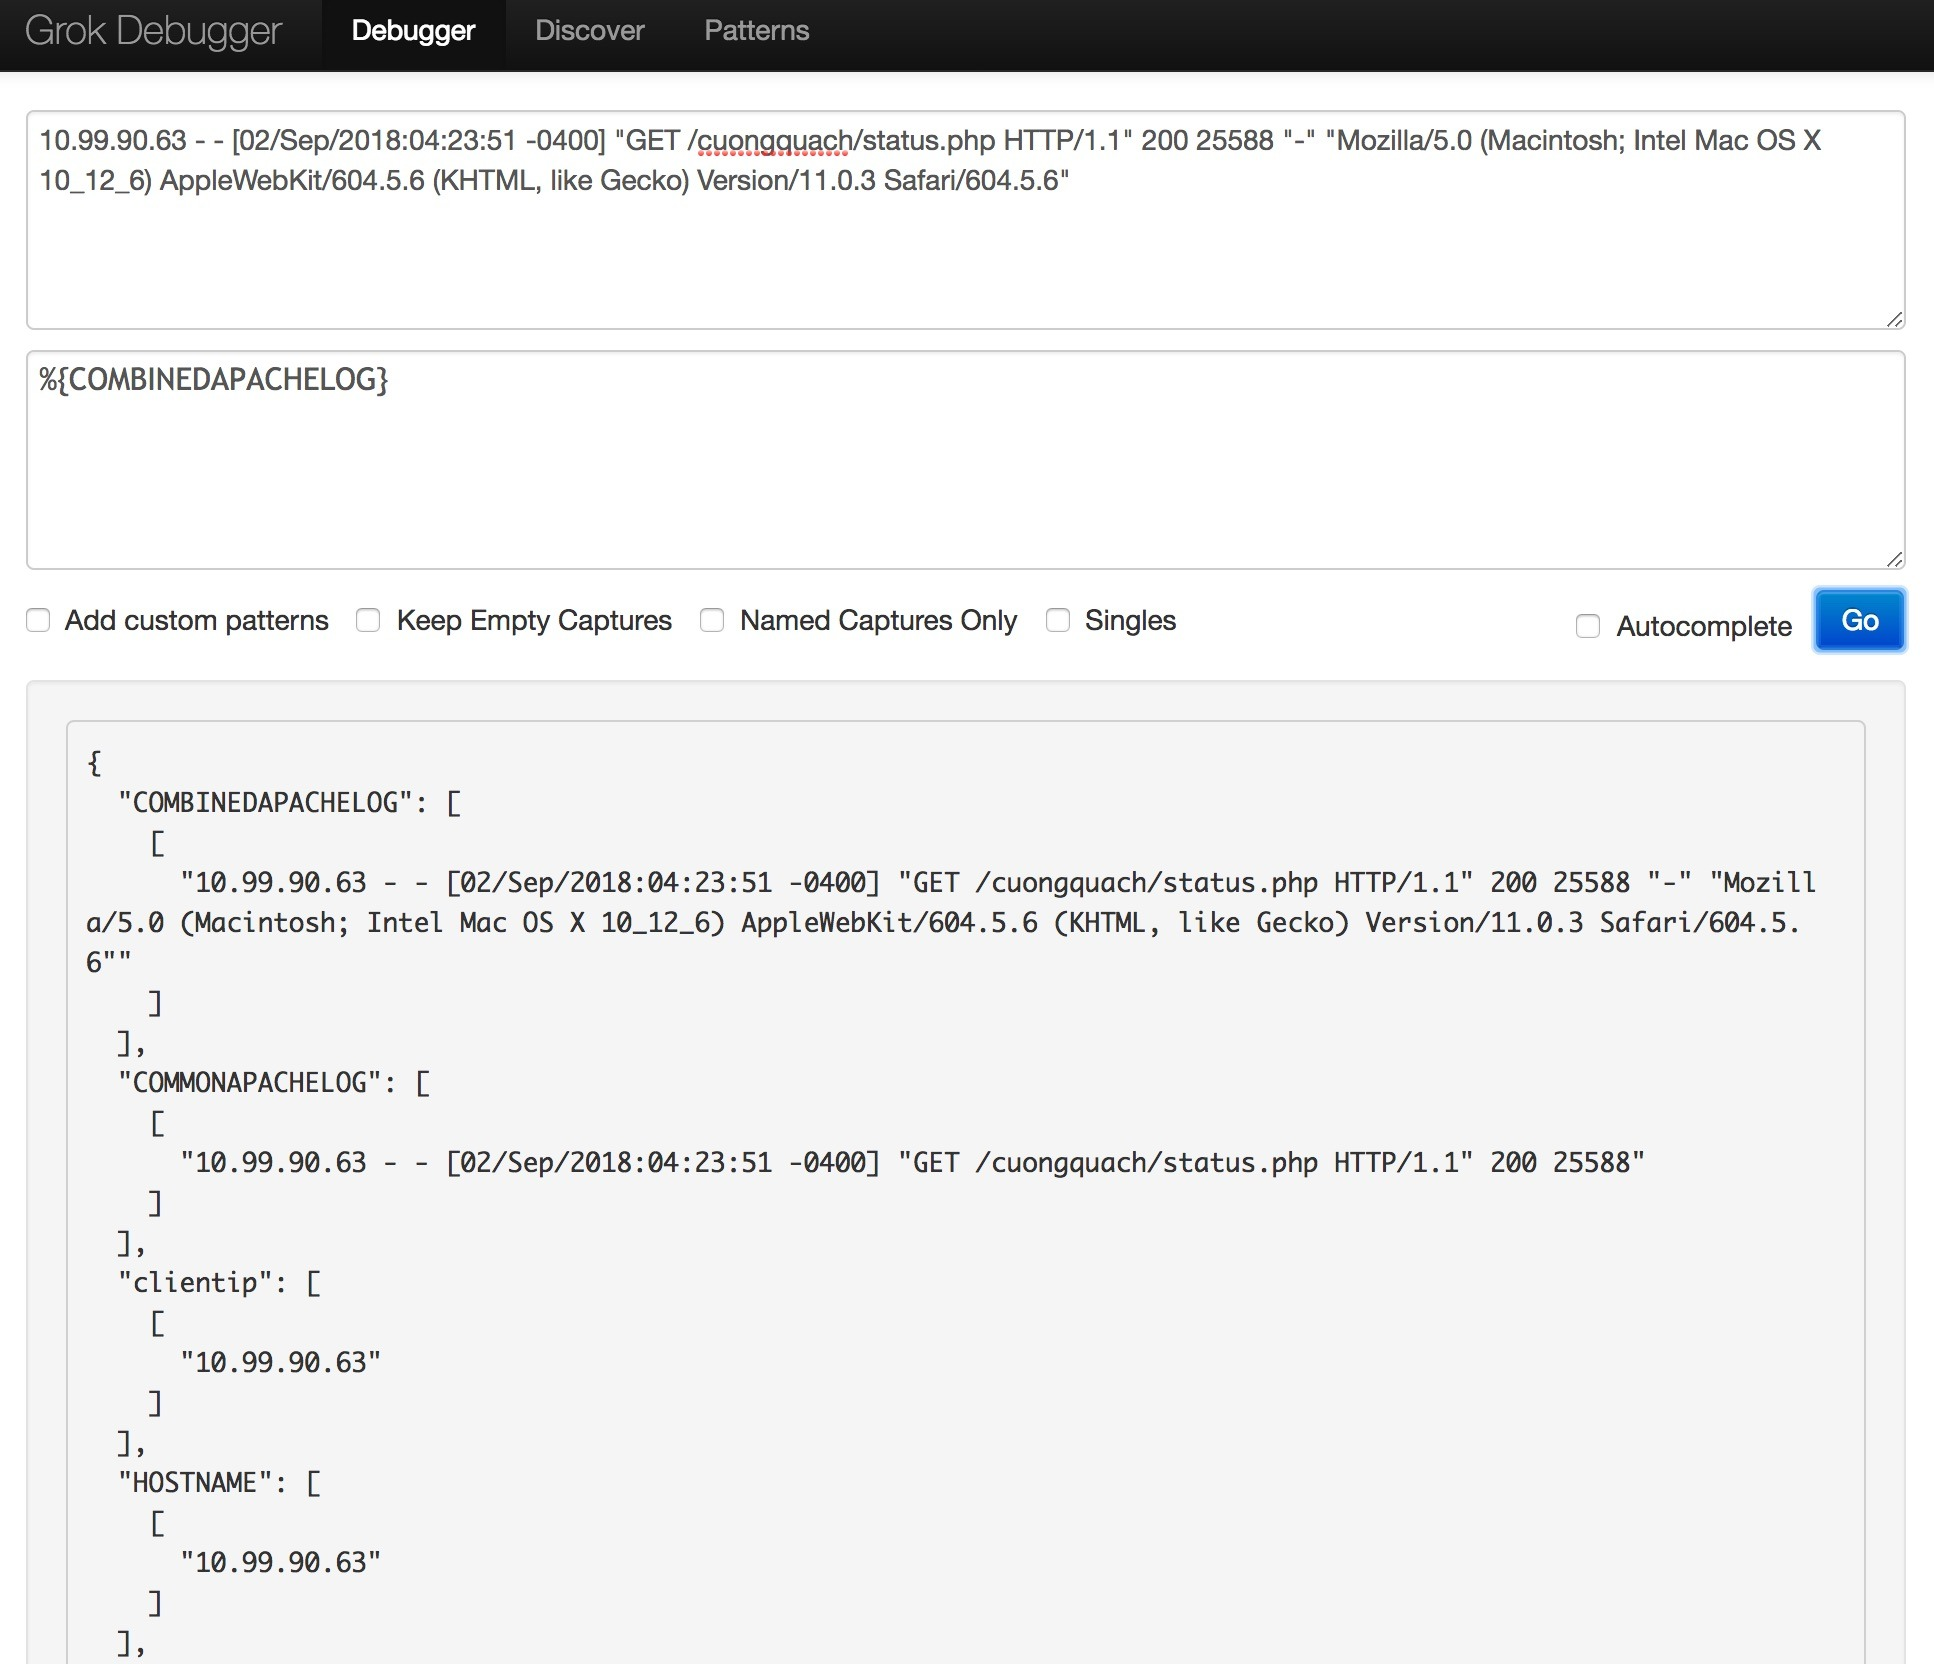 Kiểm tra cấu hình khuôn mẫu Logstash Grok bằng công cụ